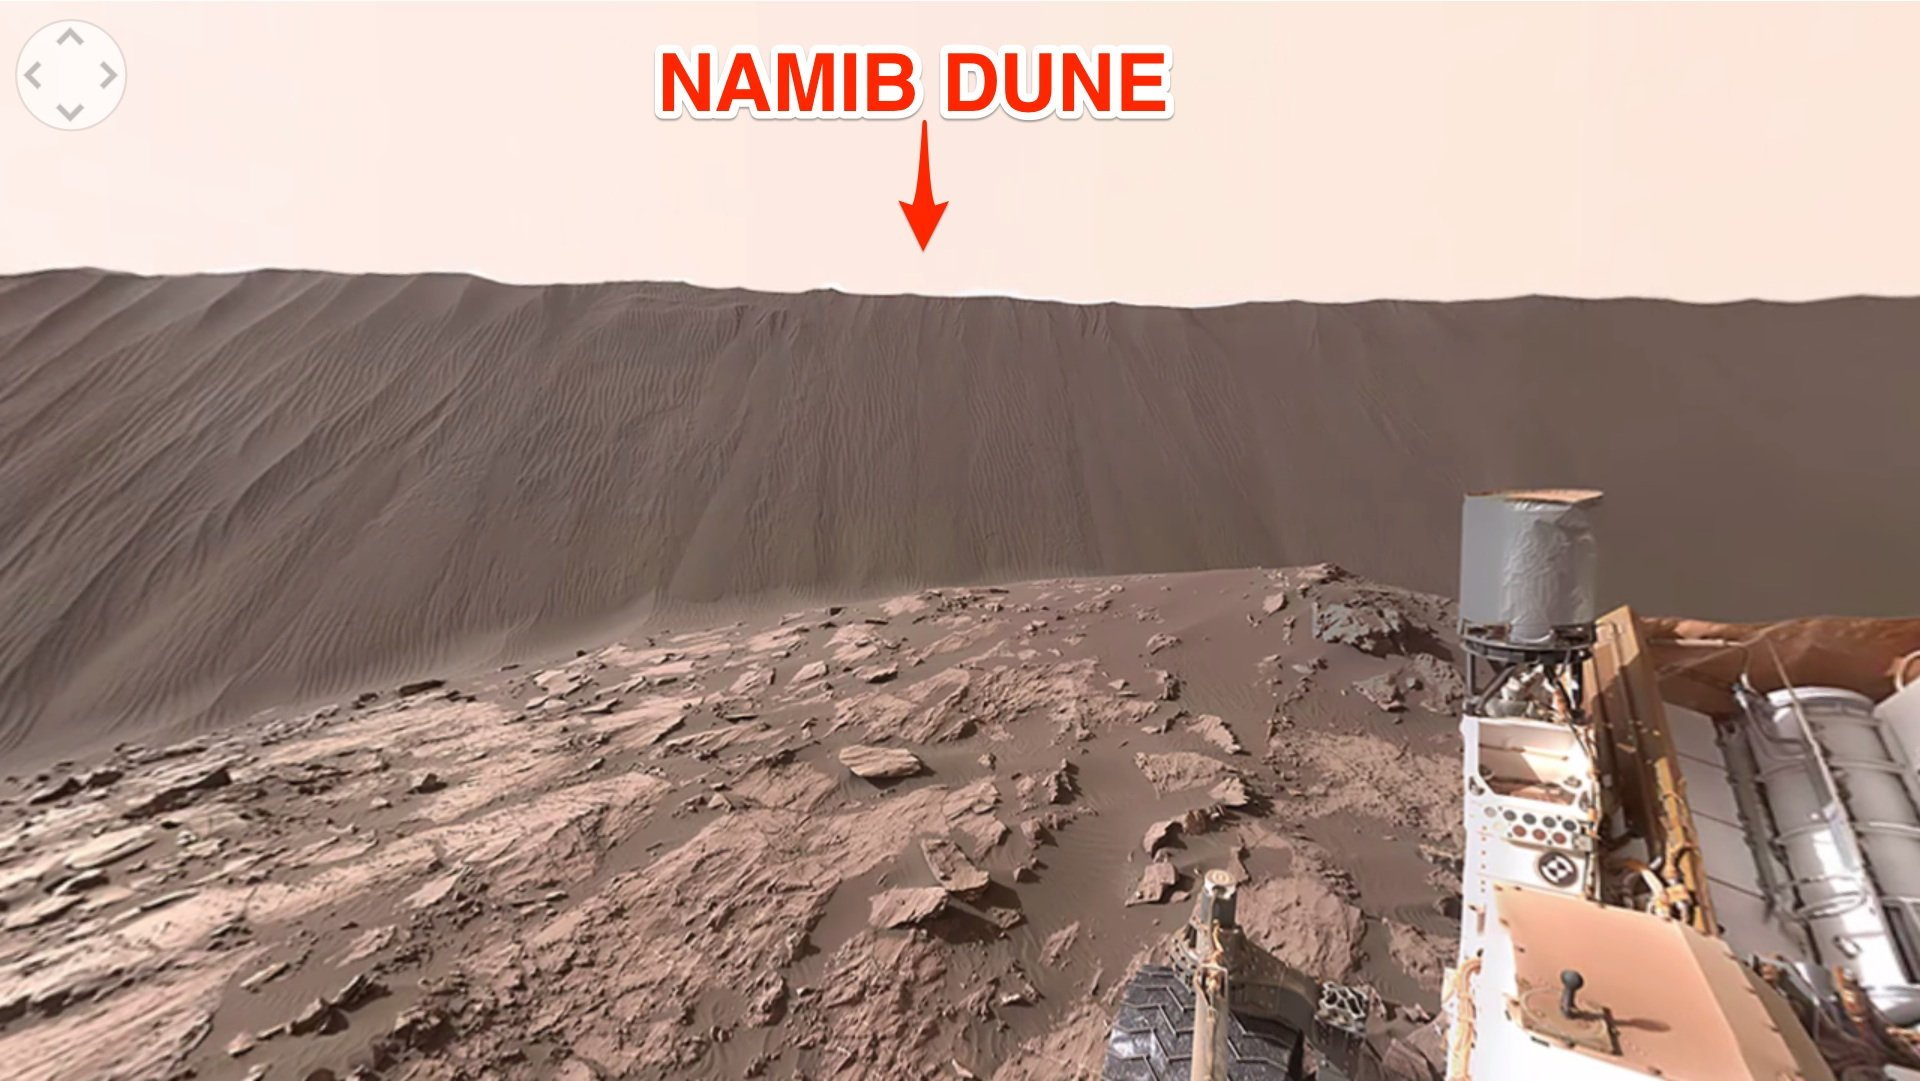 Namib Dune